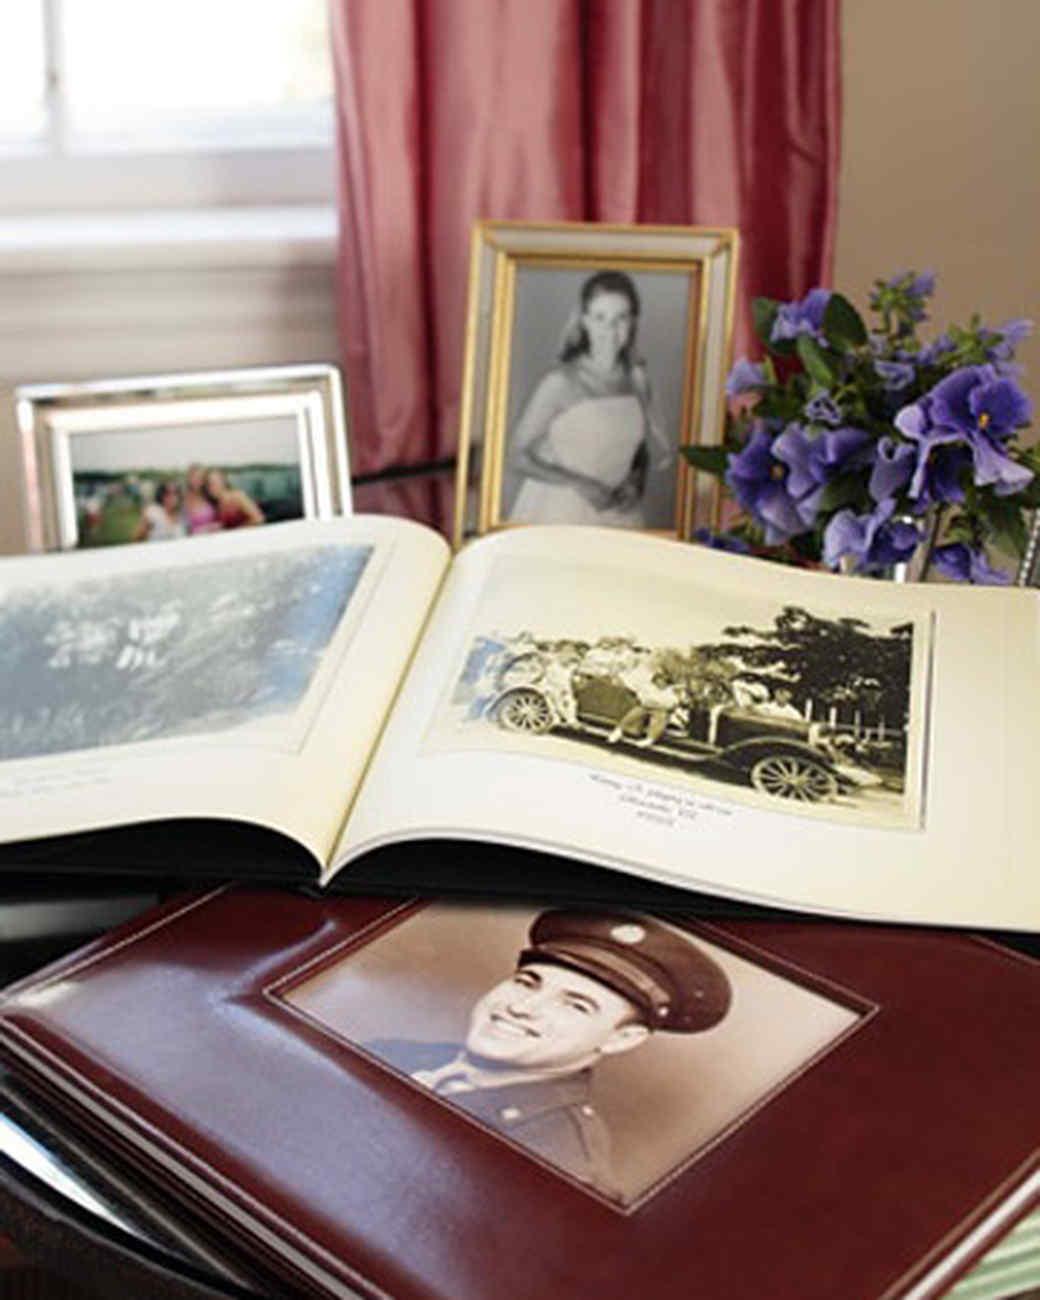 doer_0625_tgeary_photo_book.jpg